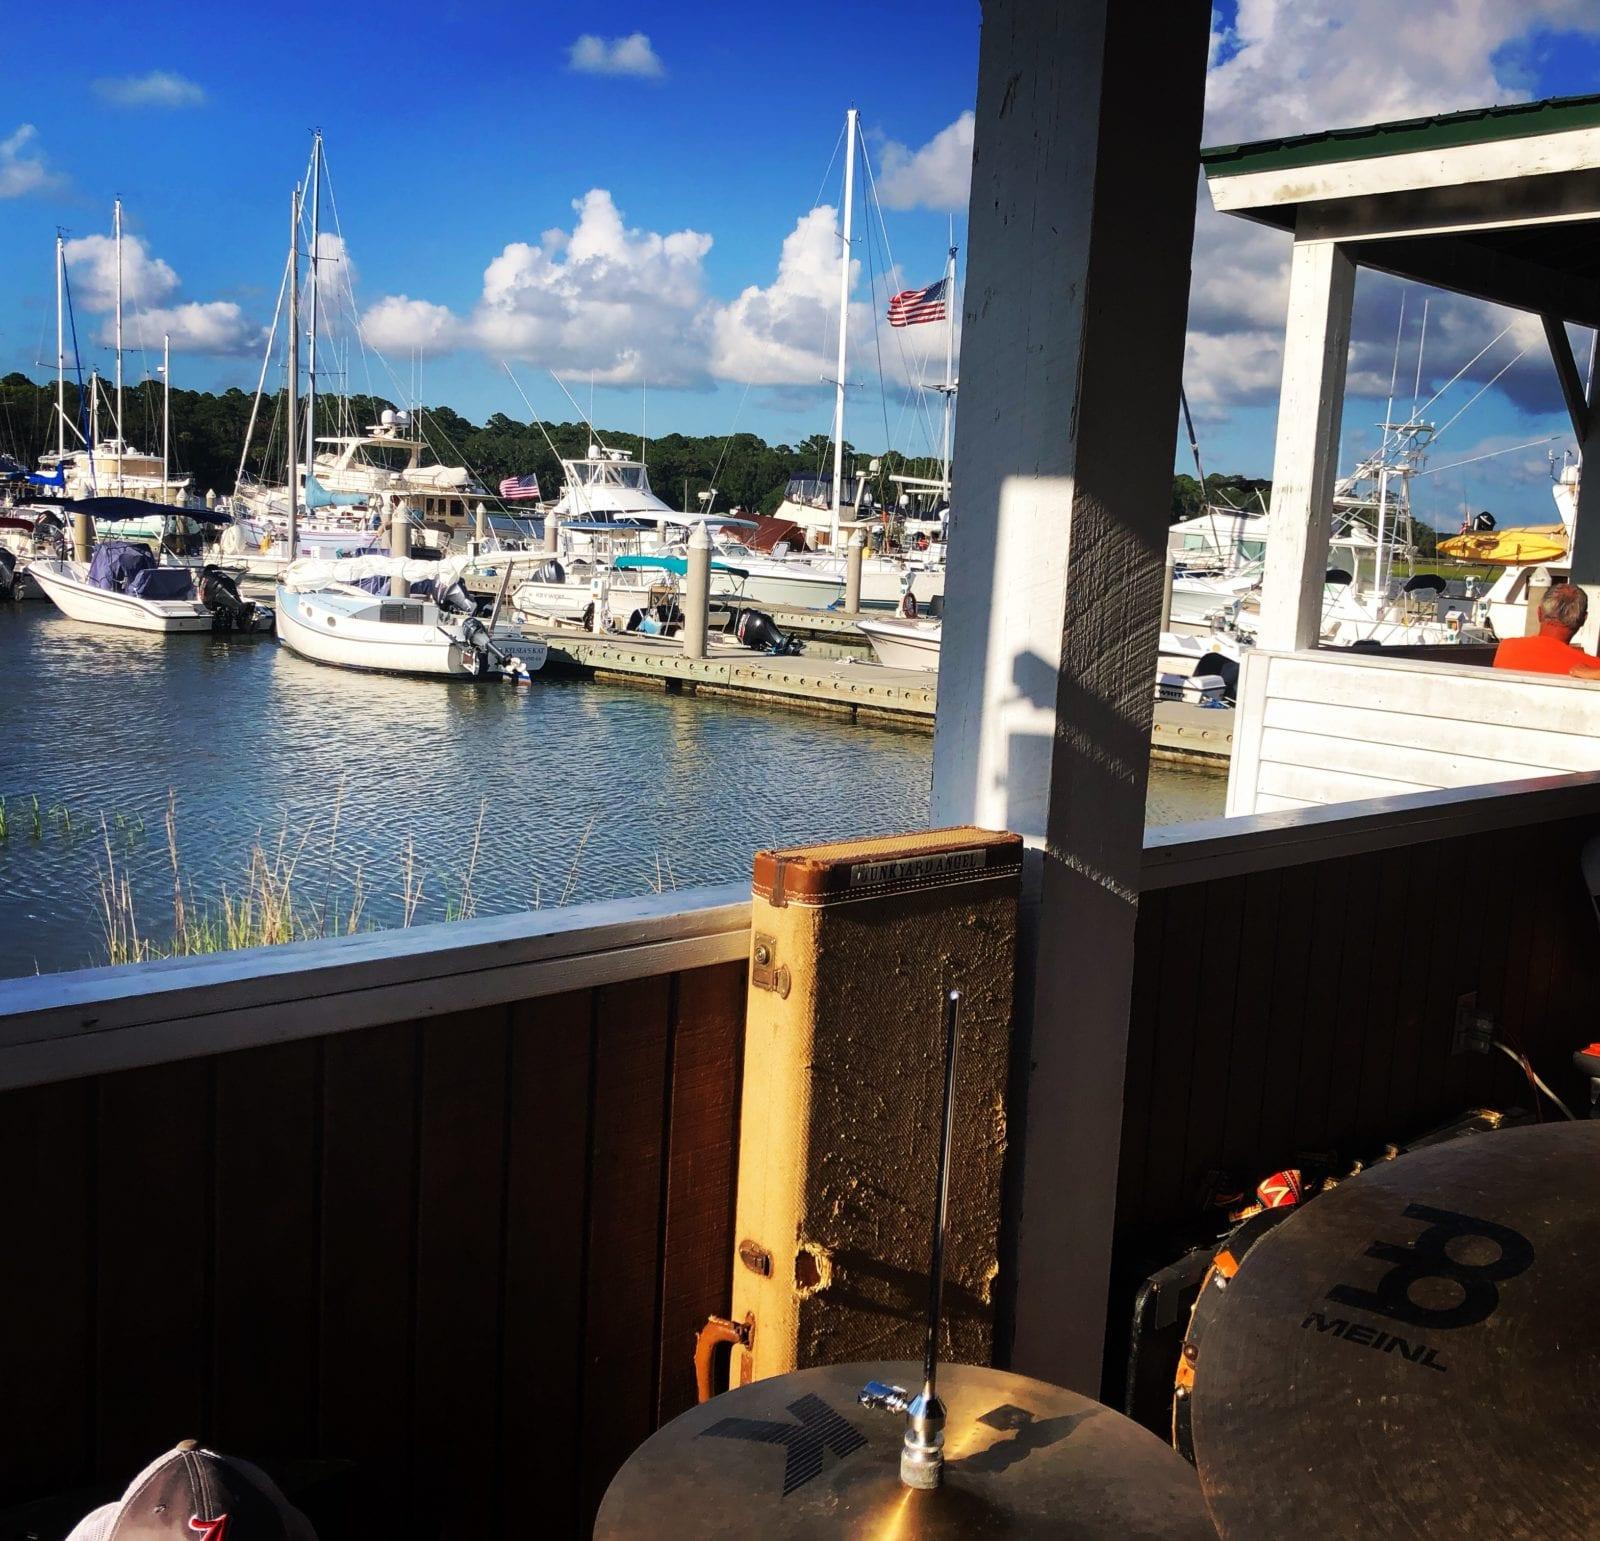 Boating Isle of Hope